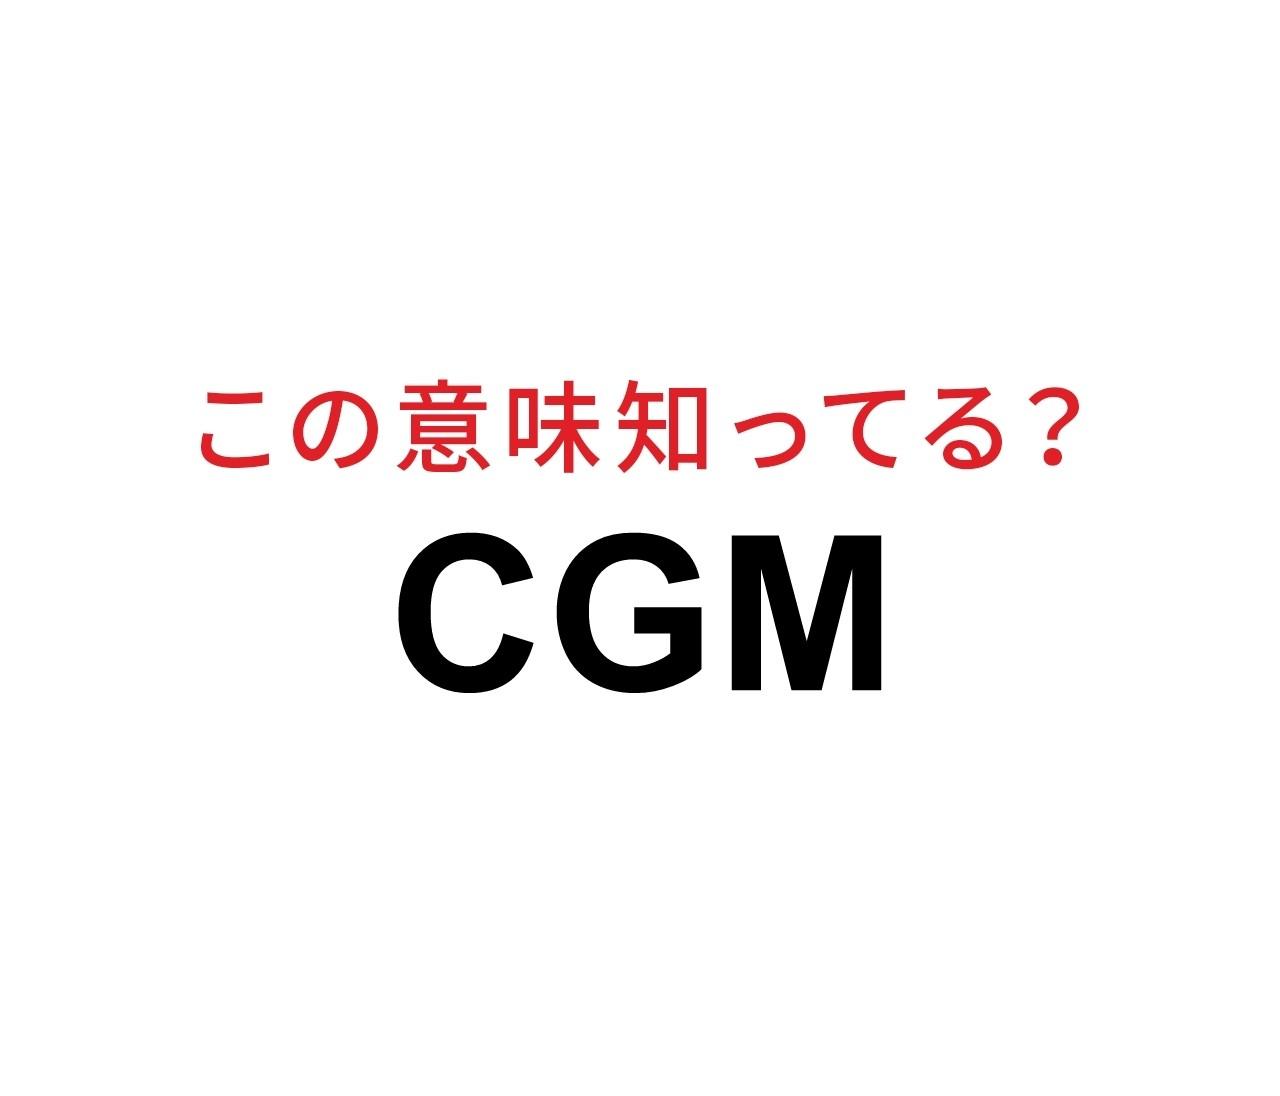 【3秒時事問題クイズ#5】「CGM」ってなんのこと?